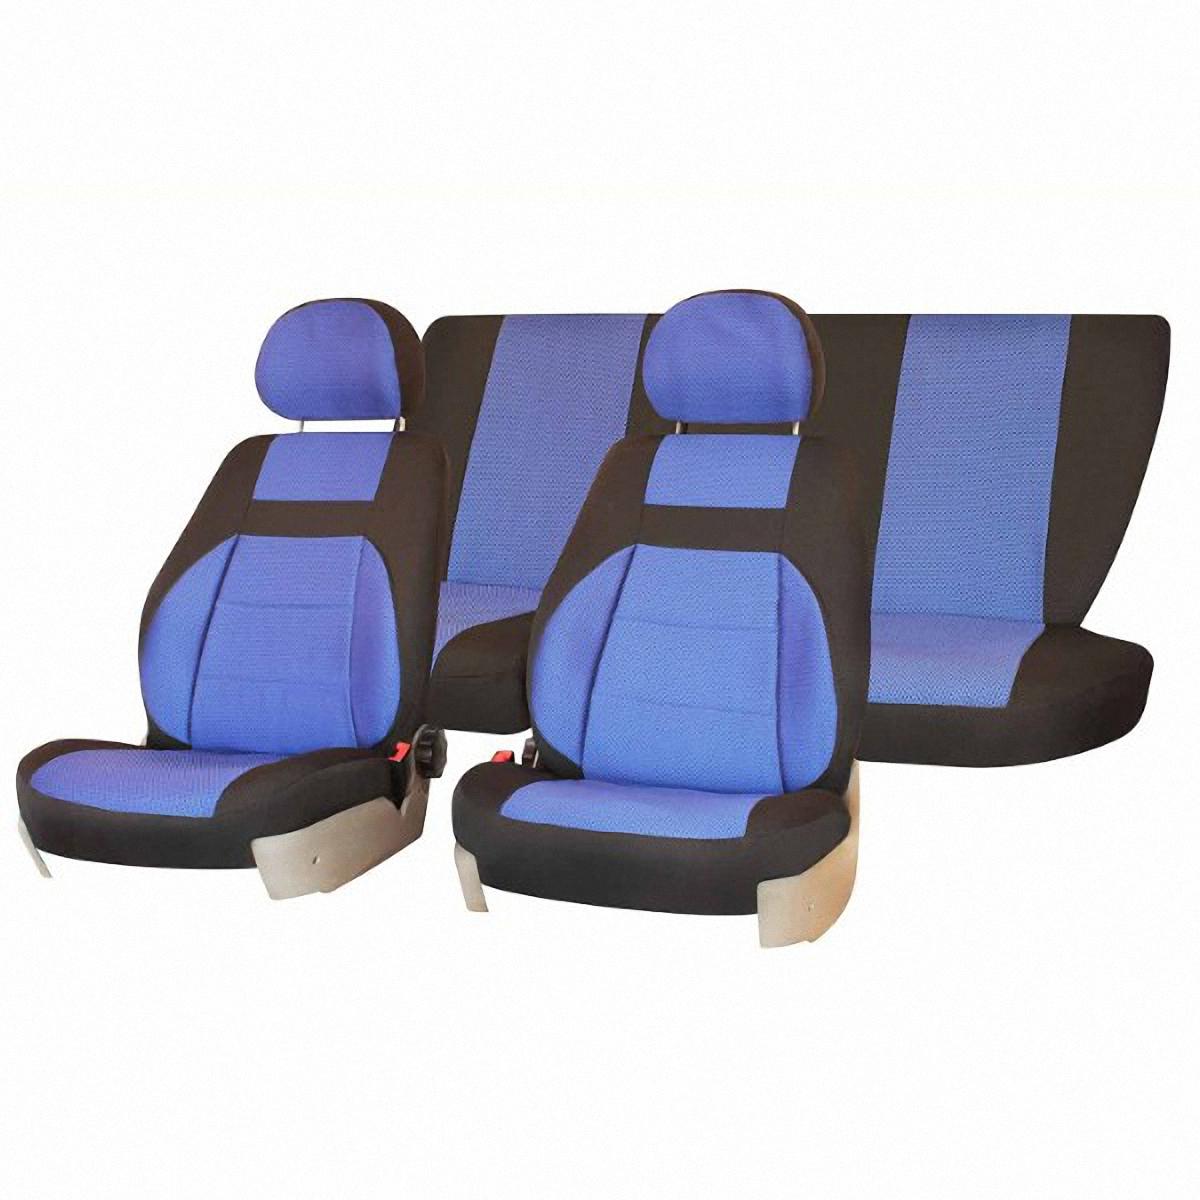 Чехлы автомобильные Skyway, для Lada Priora, седан, цвет: синий, черный чехол на сиденье skyway lada priora хэтчбек v001 d4